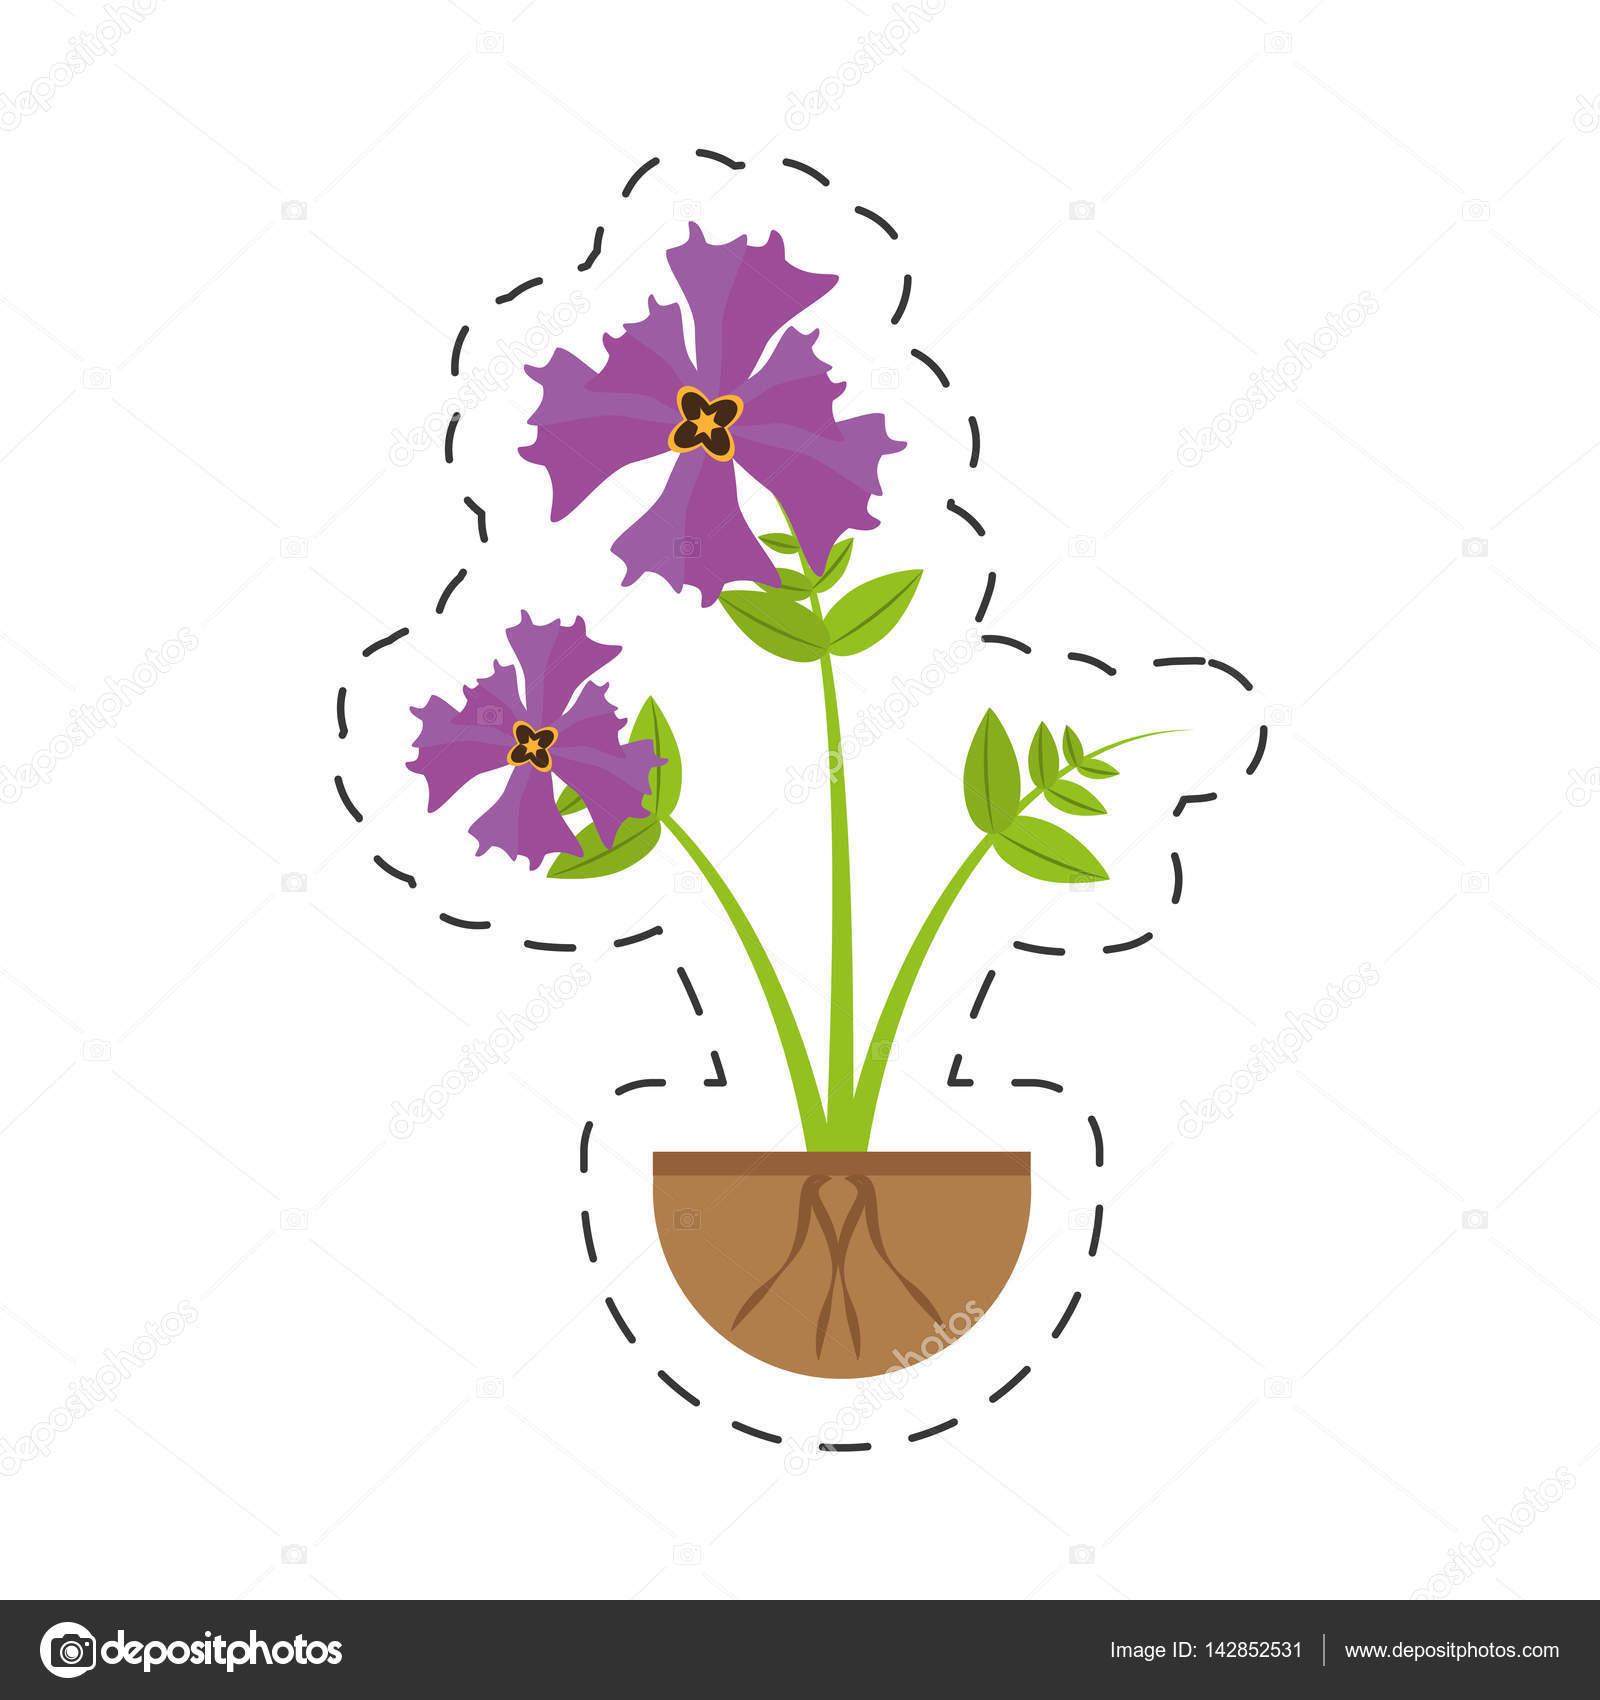 Iris flower garden growing stock vector djv 142852531 iris flower garden growing stock vector izmirmasajfo